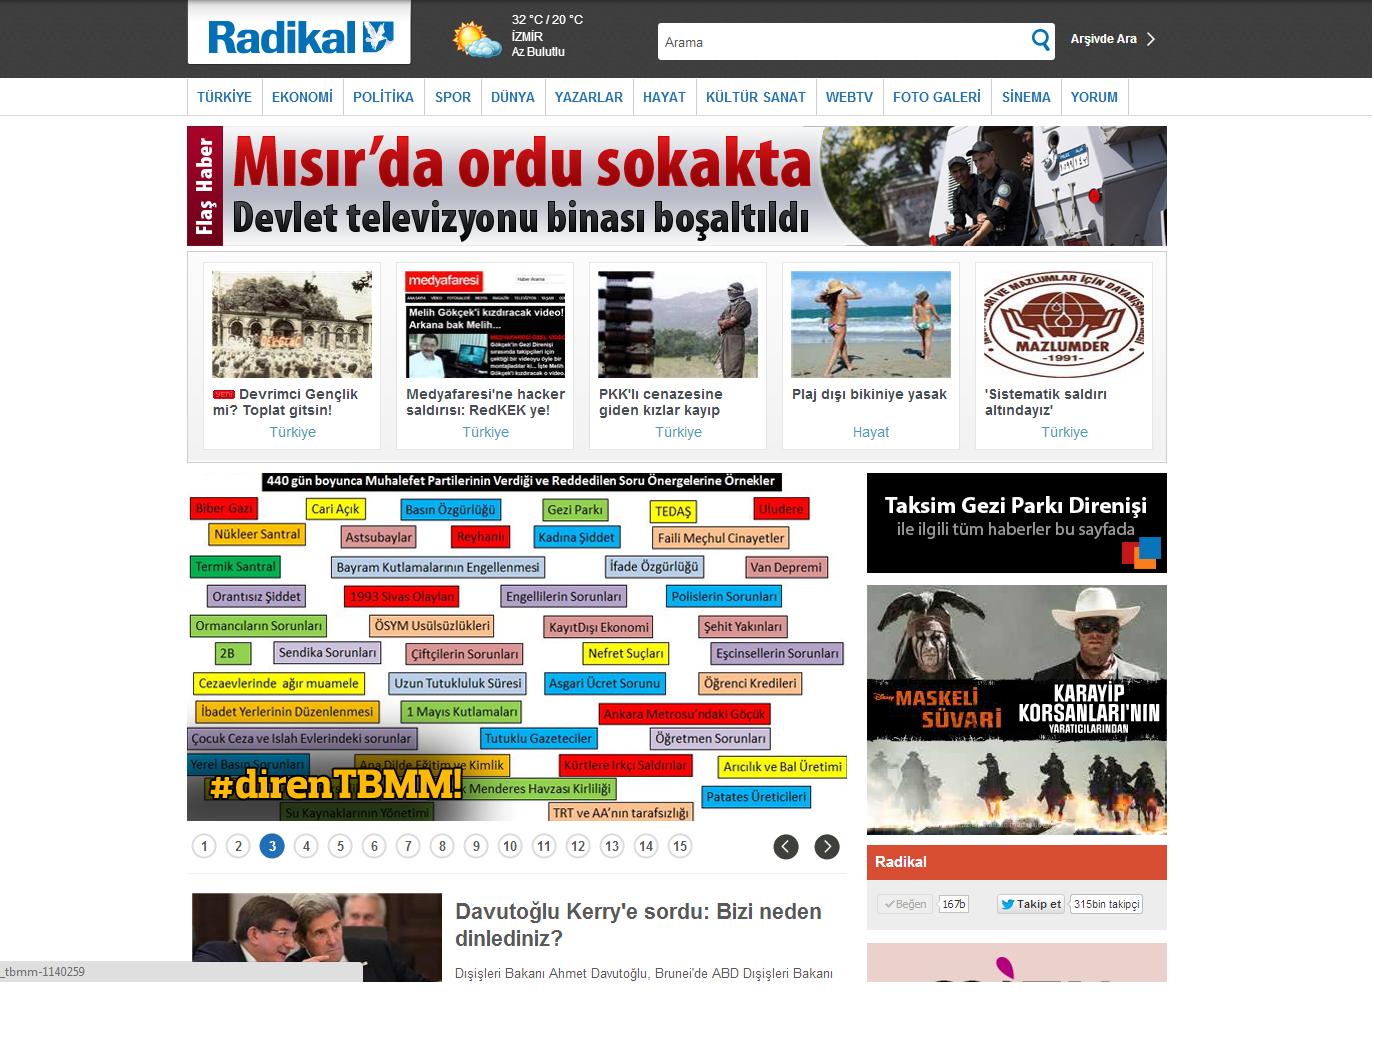 Radikal.com.tr'de 3. Manşet'ten yayımlanan yazı